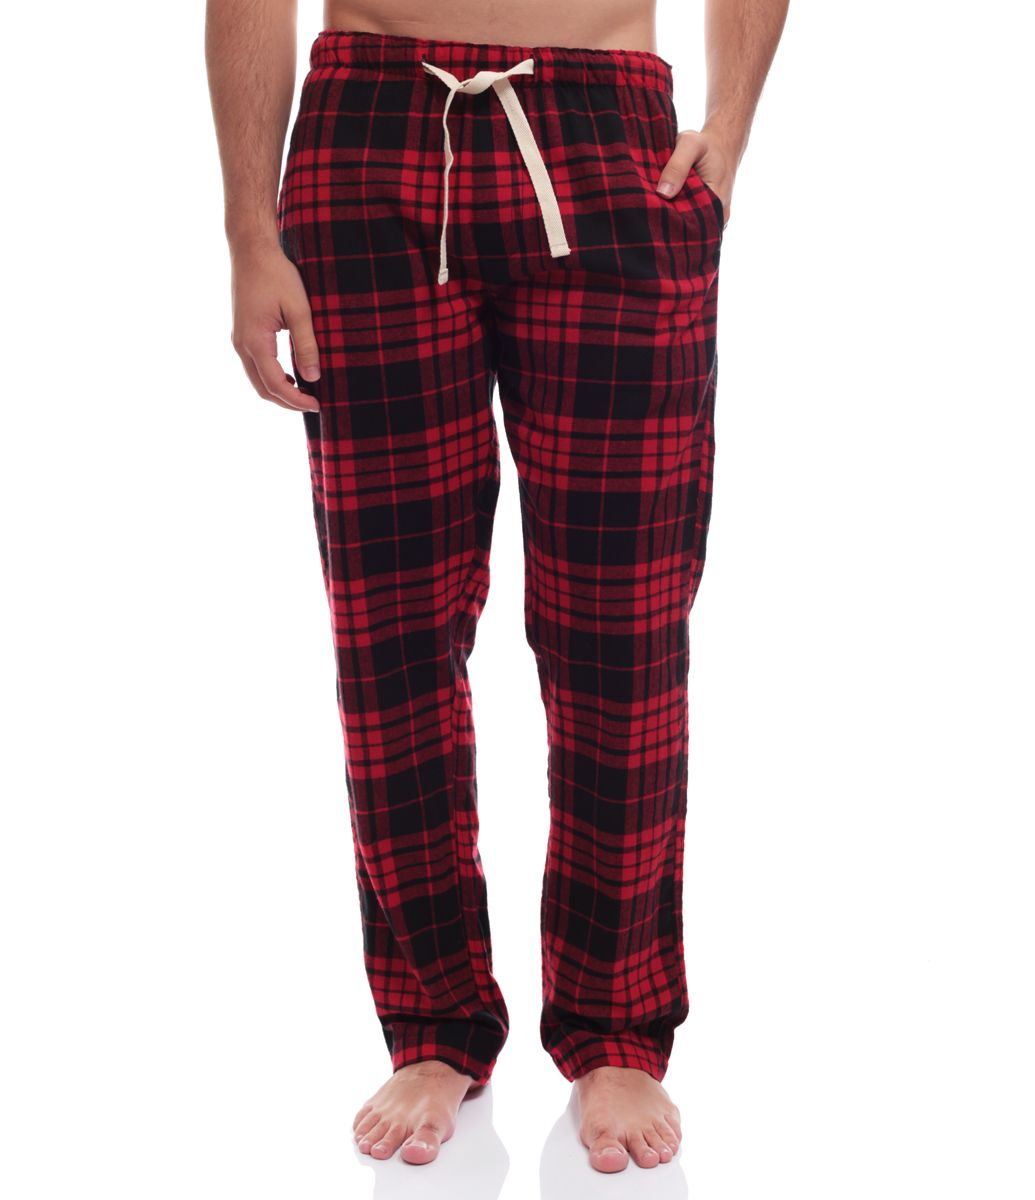 63309518d Calça pijama Xadrez Tecido  flanela COLEÇÃO INVERNO 2014 Veja outras opções  de pijamas masculinos.